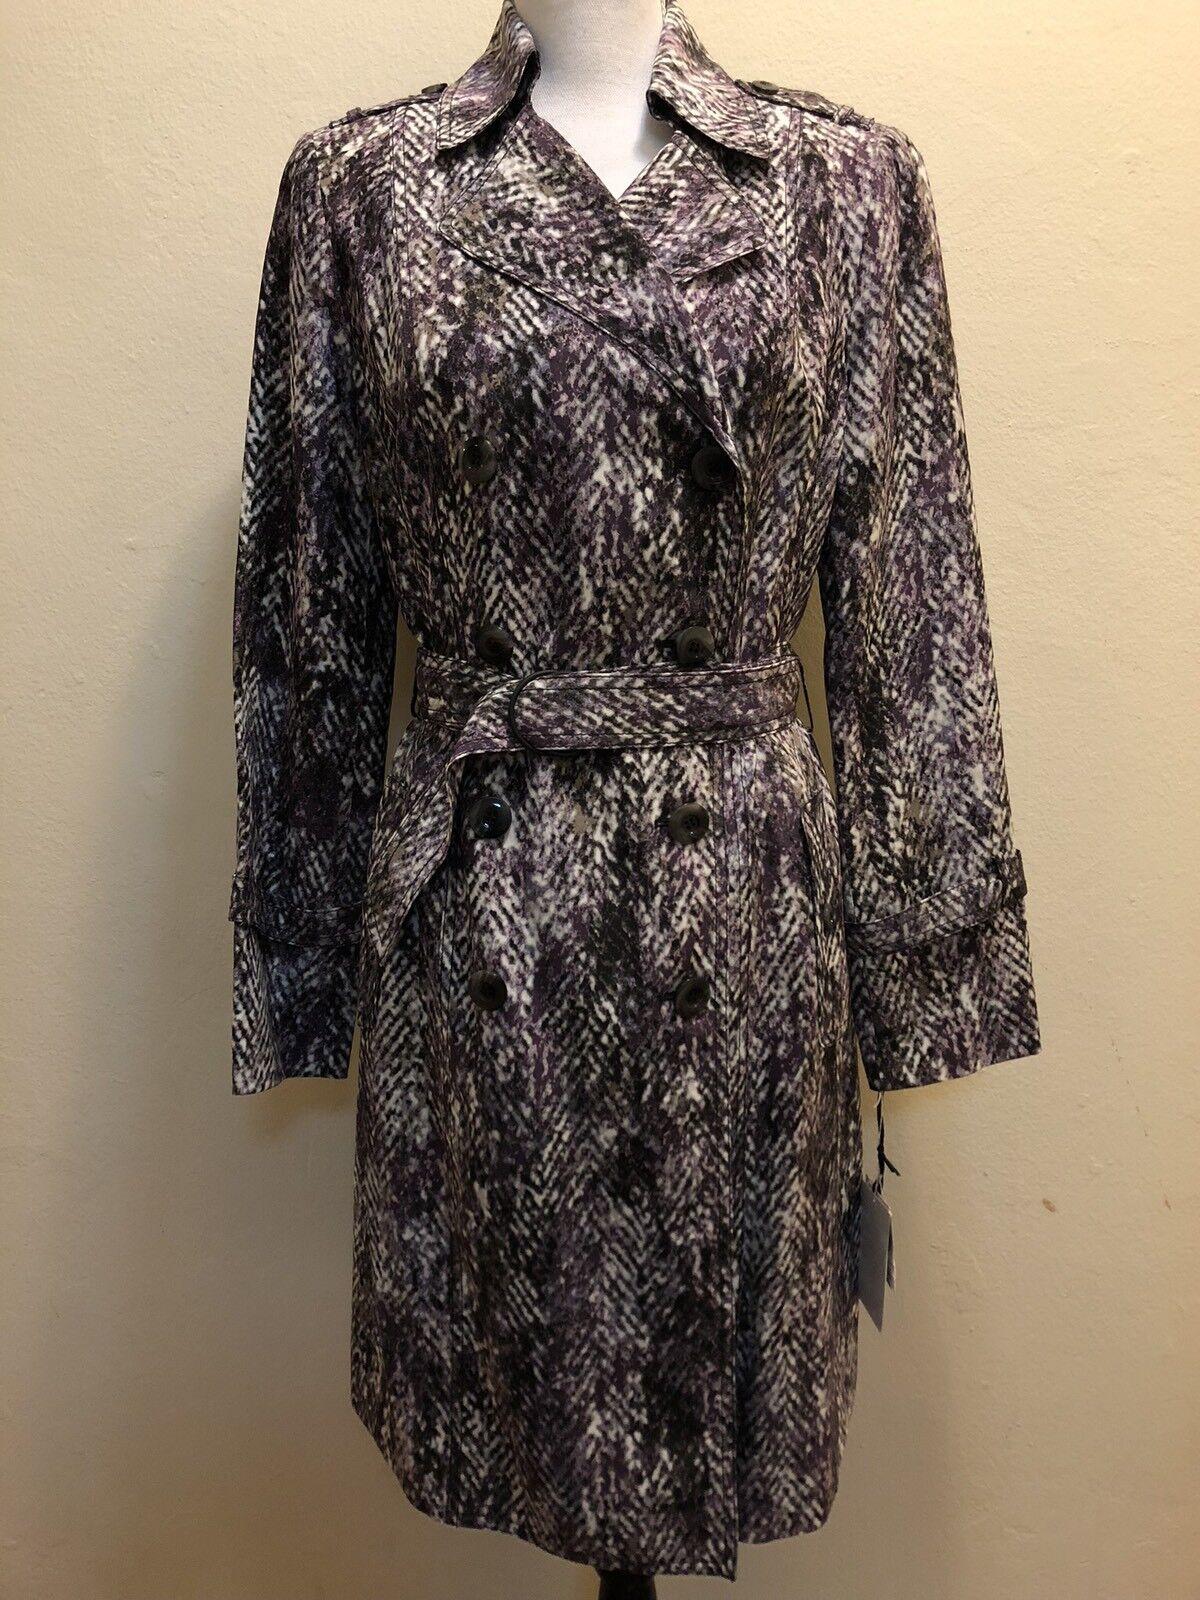 S A L E ️ ️ ️Worth New York Purple 100% Silk Coat Size Petite Retail  798.00